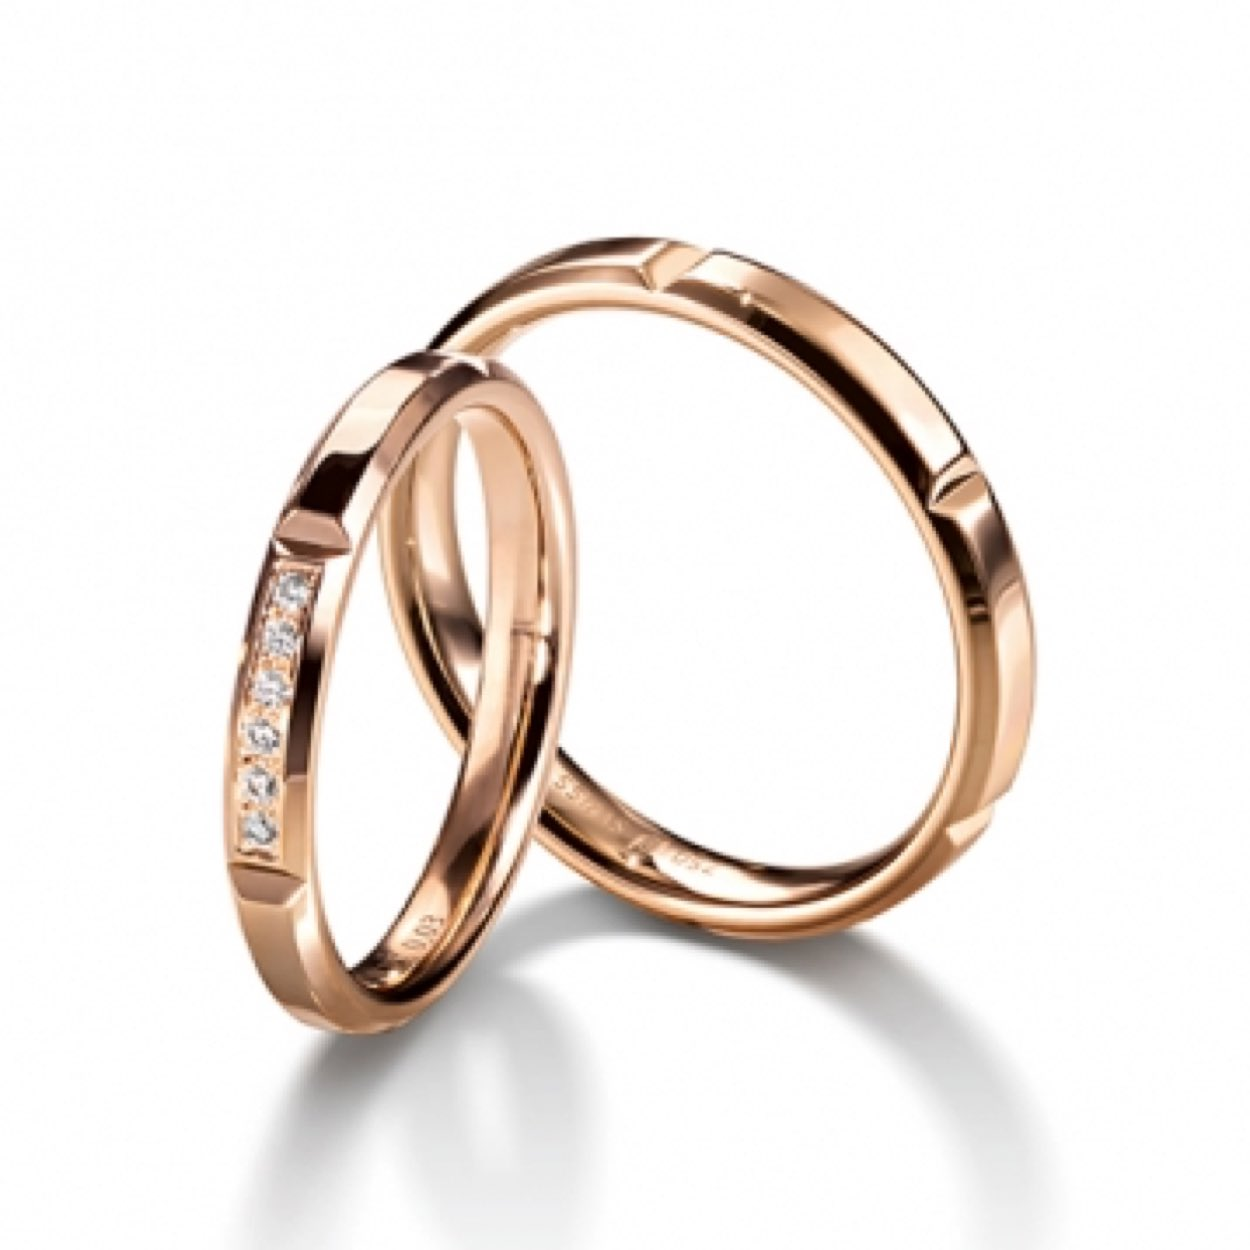 〈結婚指輪〉Chocolate